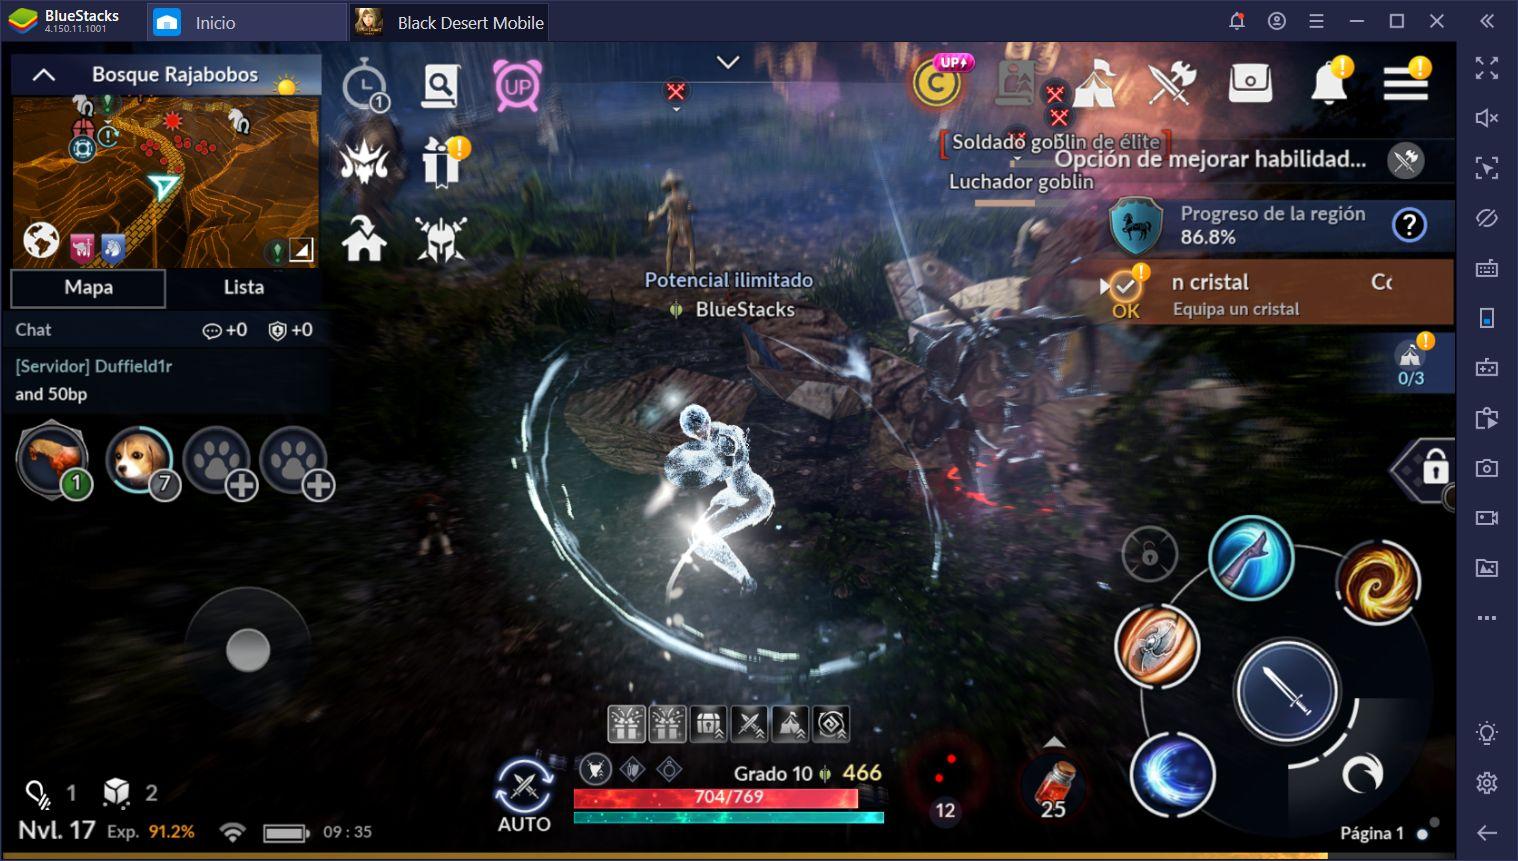 Controles de Juego de BlueStacks - Juega Juegos de Android en PC con Mouse y Teclado o Mando